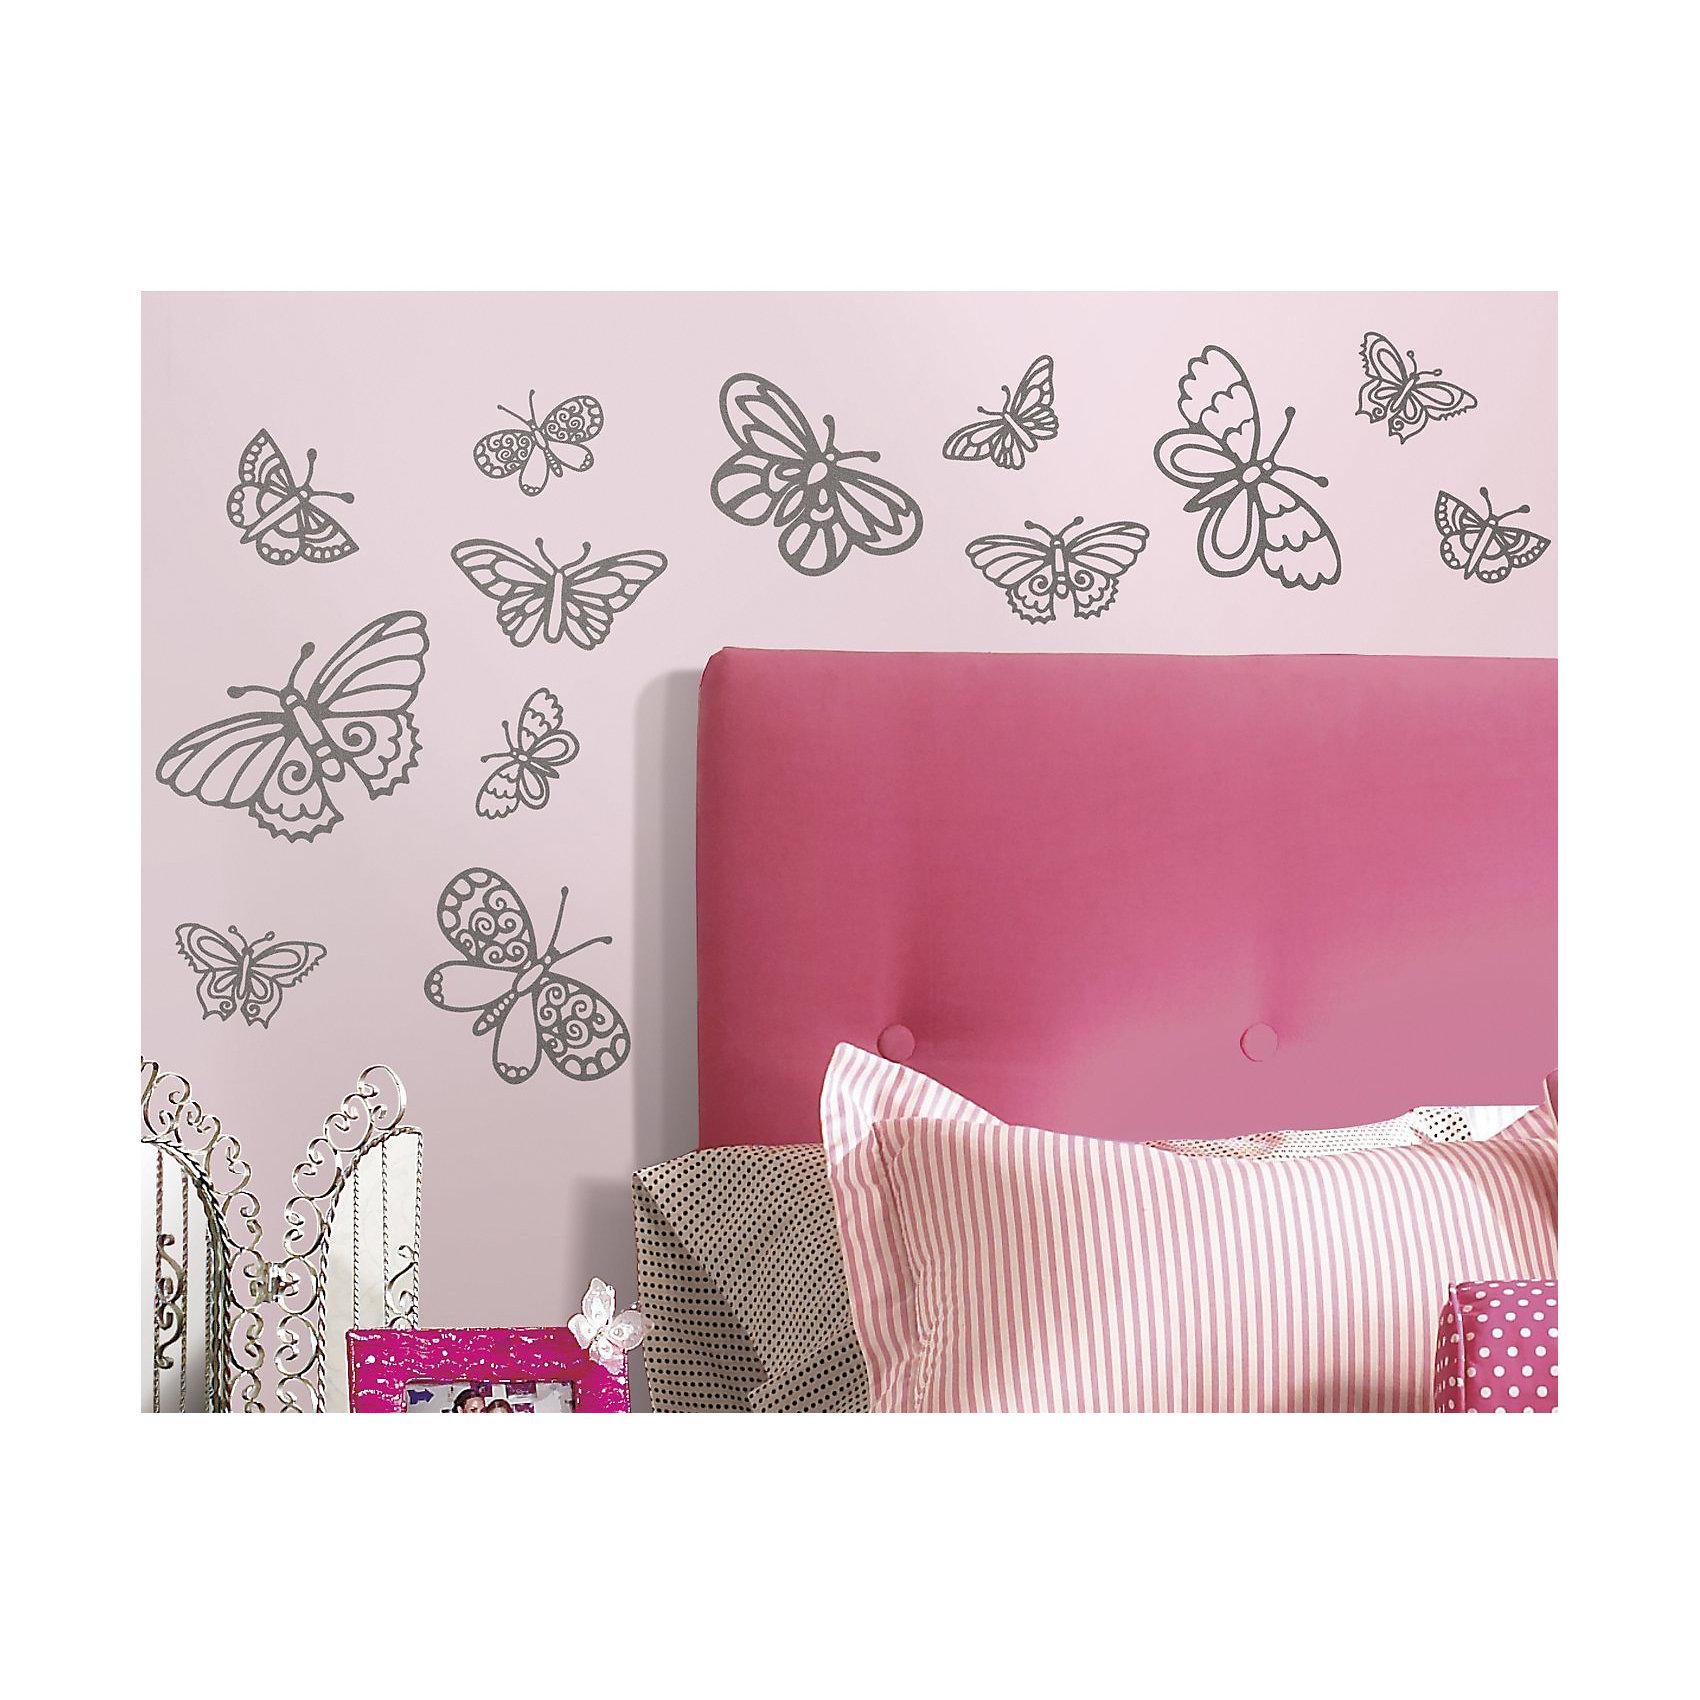 Наклейки для декора Мерцающие бабочкиПредметы интерьера<br>Наклейки для декора Мерцающие бабочки, RoomMates, замечательно подойдут для украшения Вашего интерьера, детской комнаты, спальни или мебели. В комплект входят наклейки с изображениями серебристых блестящих бабочек разного размера (всего в наборе 29 наклеек).<br>Наклейки просты в применении и подходят для многоразового использования. Освободите выбранный рисунок от защитного слоя и приклейте на стену или любую другую плоскую гладкую поверхность. Стикеры легко отклеиваются и не оставляют липких следов на поверхности. Нарядные наклейки с красивыми рисунками будут радовать Вашу девочку и создавать атмосферу домашнего уюта.<br><br>Дополнительная информация:<br><br>- В комплекте: 4 листа наклеек (всего 29 наклеек).<br>- Материал: винил.<br>- Размер упаковки: 29,2 х 12,7 х 2,6 см. <br>- Вес: 141 гр. <br><br>Наклейки для декора Мерцающие бабочки, RoomMates, можно купить в нашем интернет-магазине.<br><br>Ширина мм: 292<br>Глубина мм: 127<br>Высота мм: 26<br>Вес г: 141<br>Возраст от месяцев: 36<br>Возраст до месяцев: 144<br>Пол: Женский<br>Возраст: Детский<br>SKU: 4652199